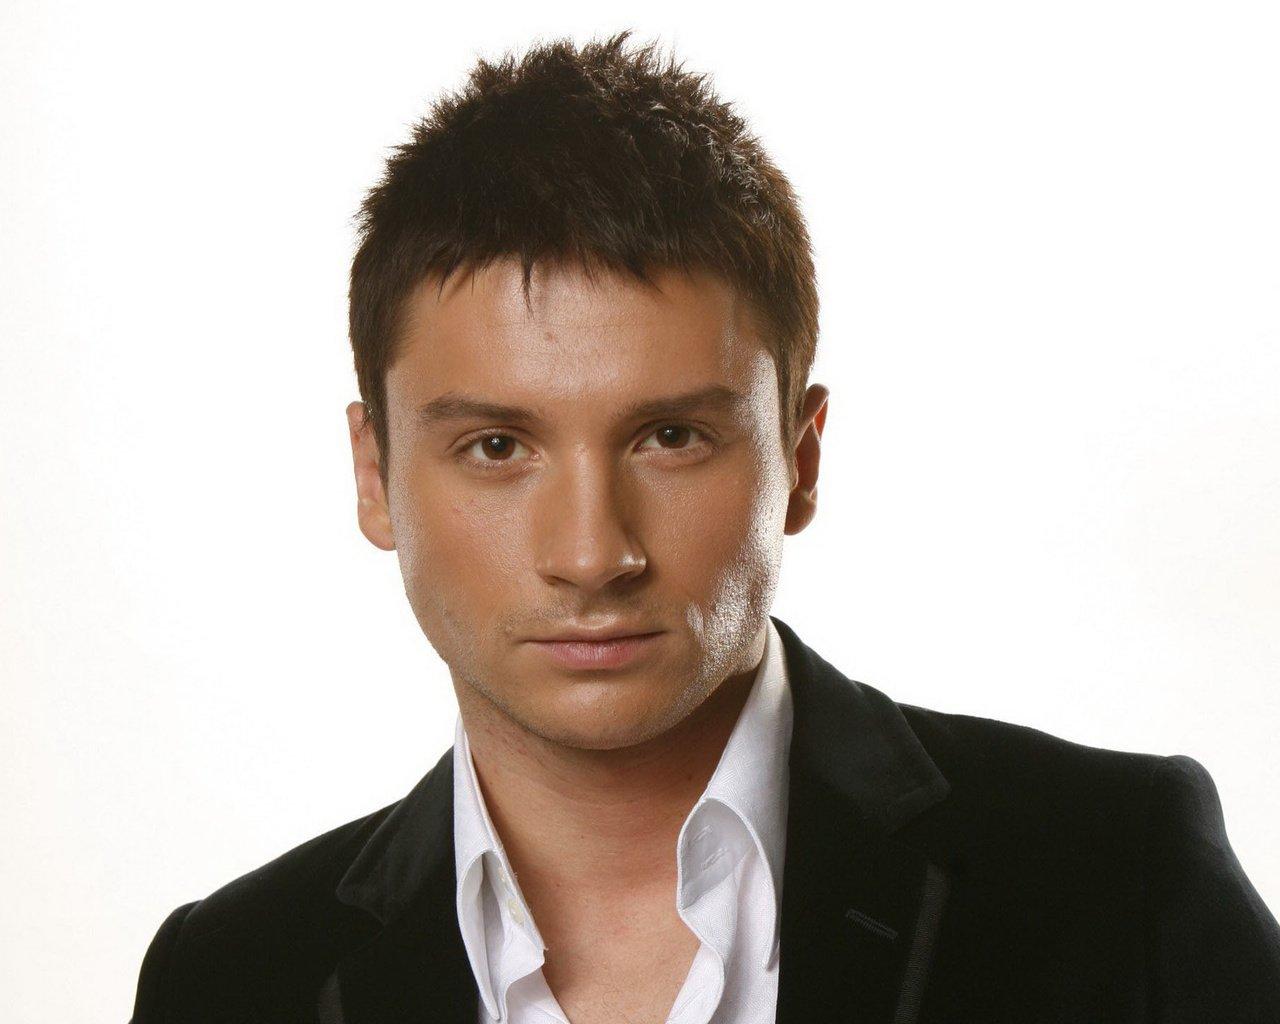 Список фамилий русских певиц, Настоящие фамилии звёзд эстрады и шоу-бизнеса 26 фотография